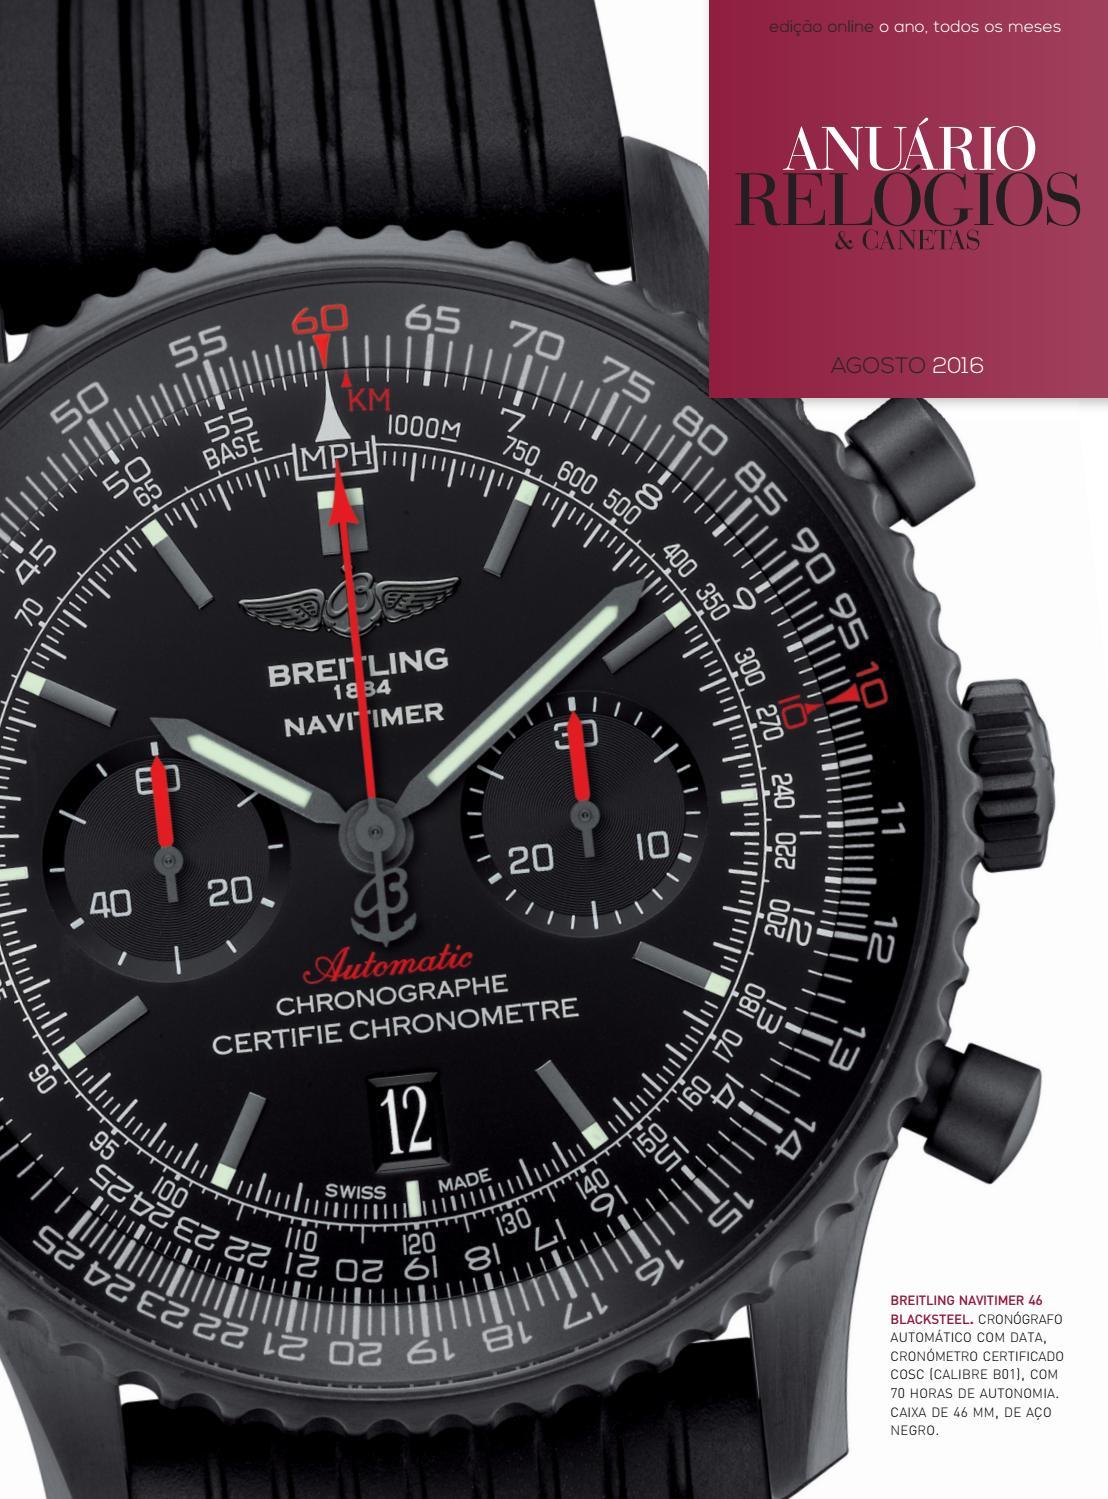 0950ba429dc Anuário Relógios   Canetas - Agosto 2016 by Anuário Relógios   Canetas -  issuu